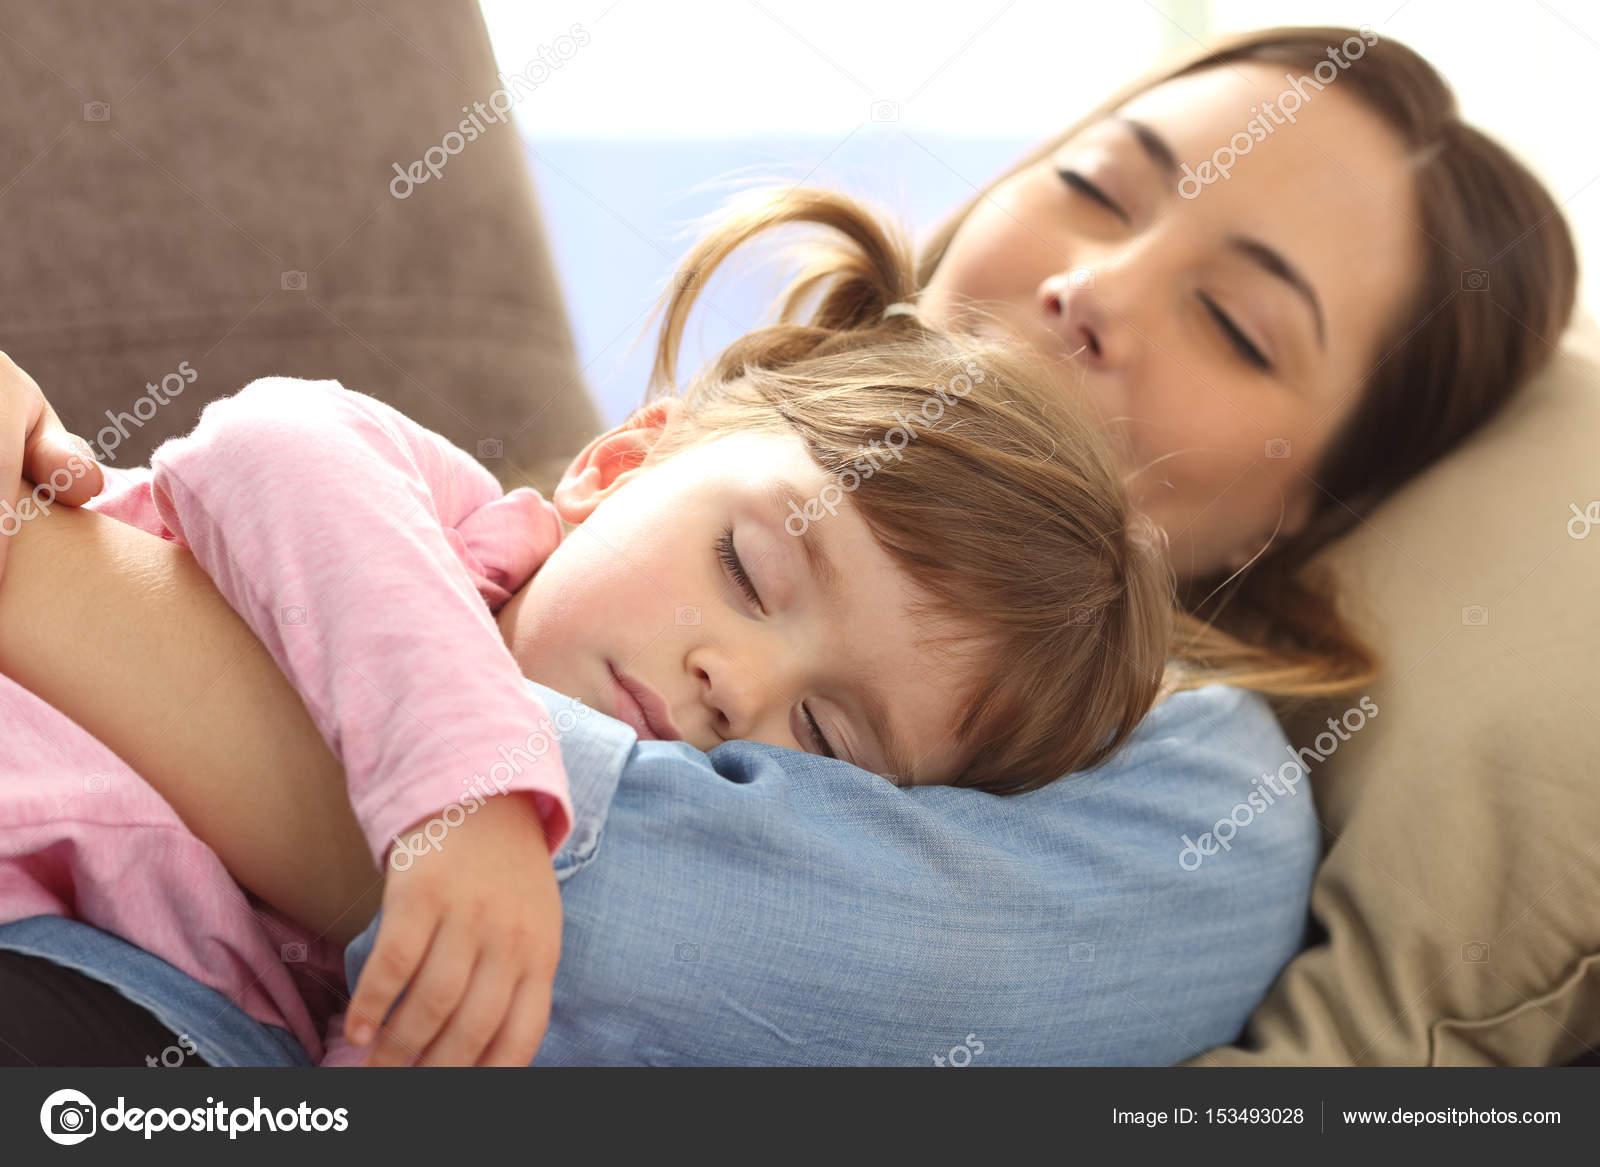 Трахает дочку и ее подругу, Отец трахнул молодую дочь вместе с подружкой 22 фотография